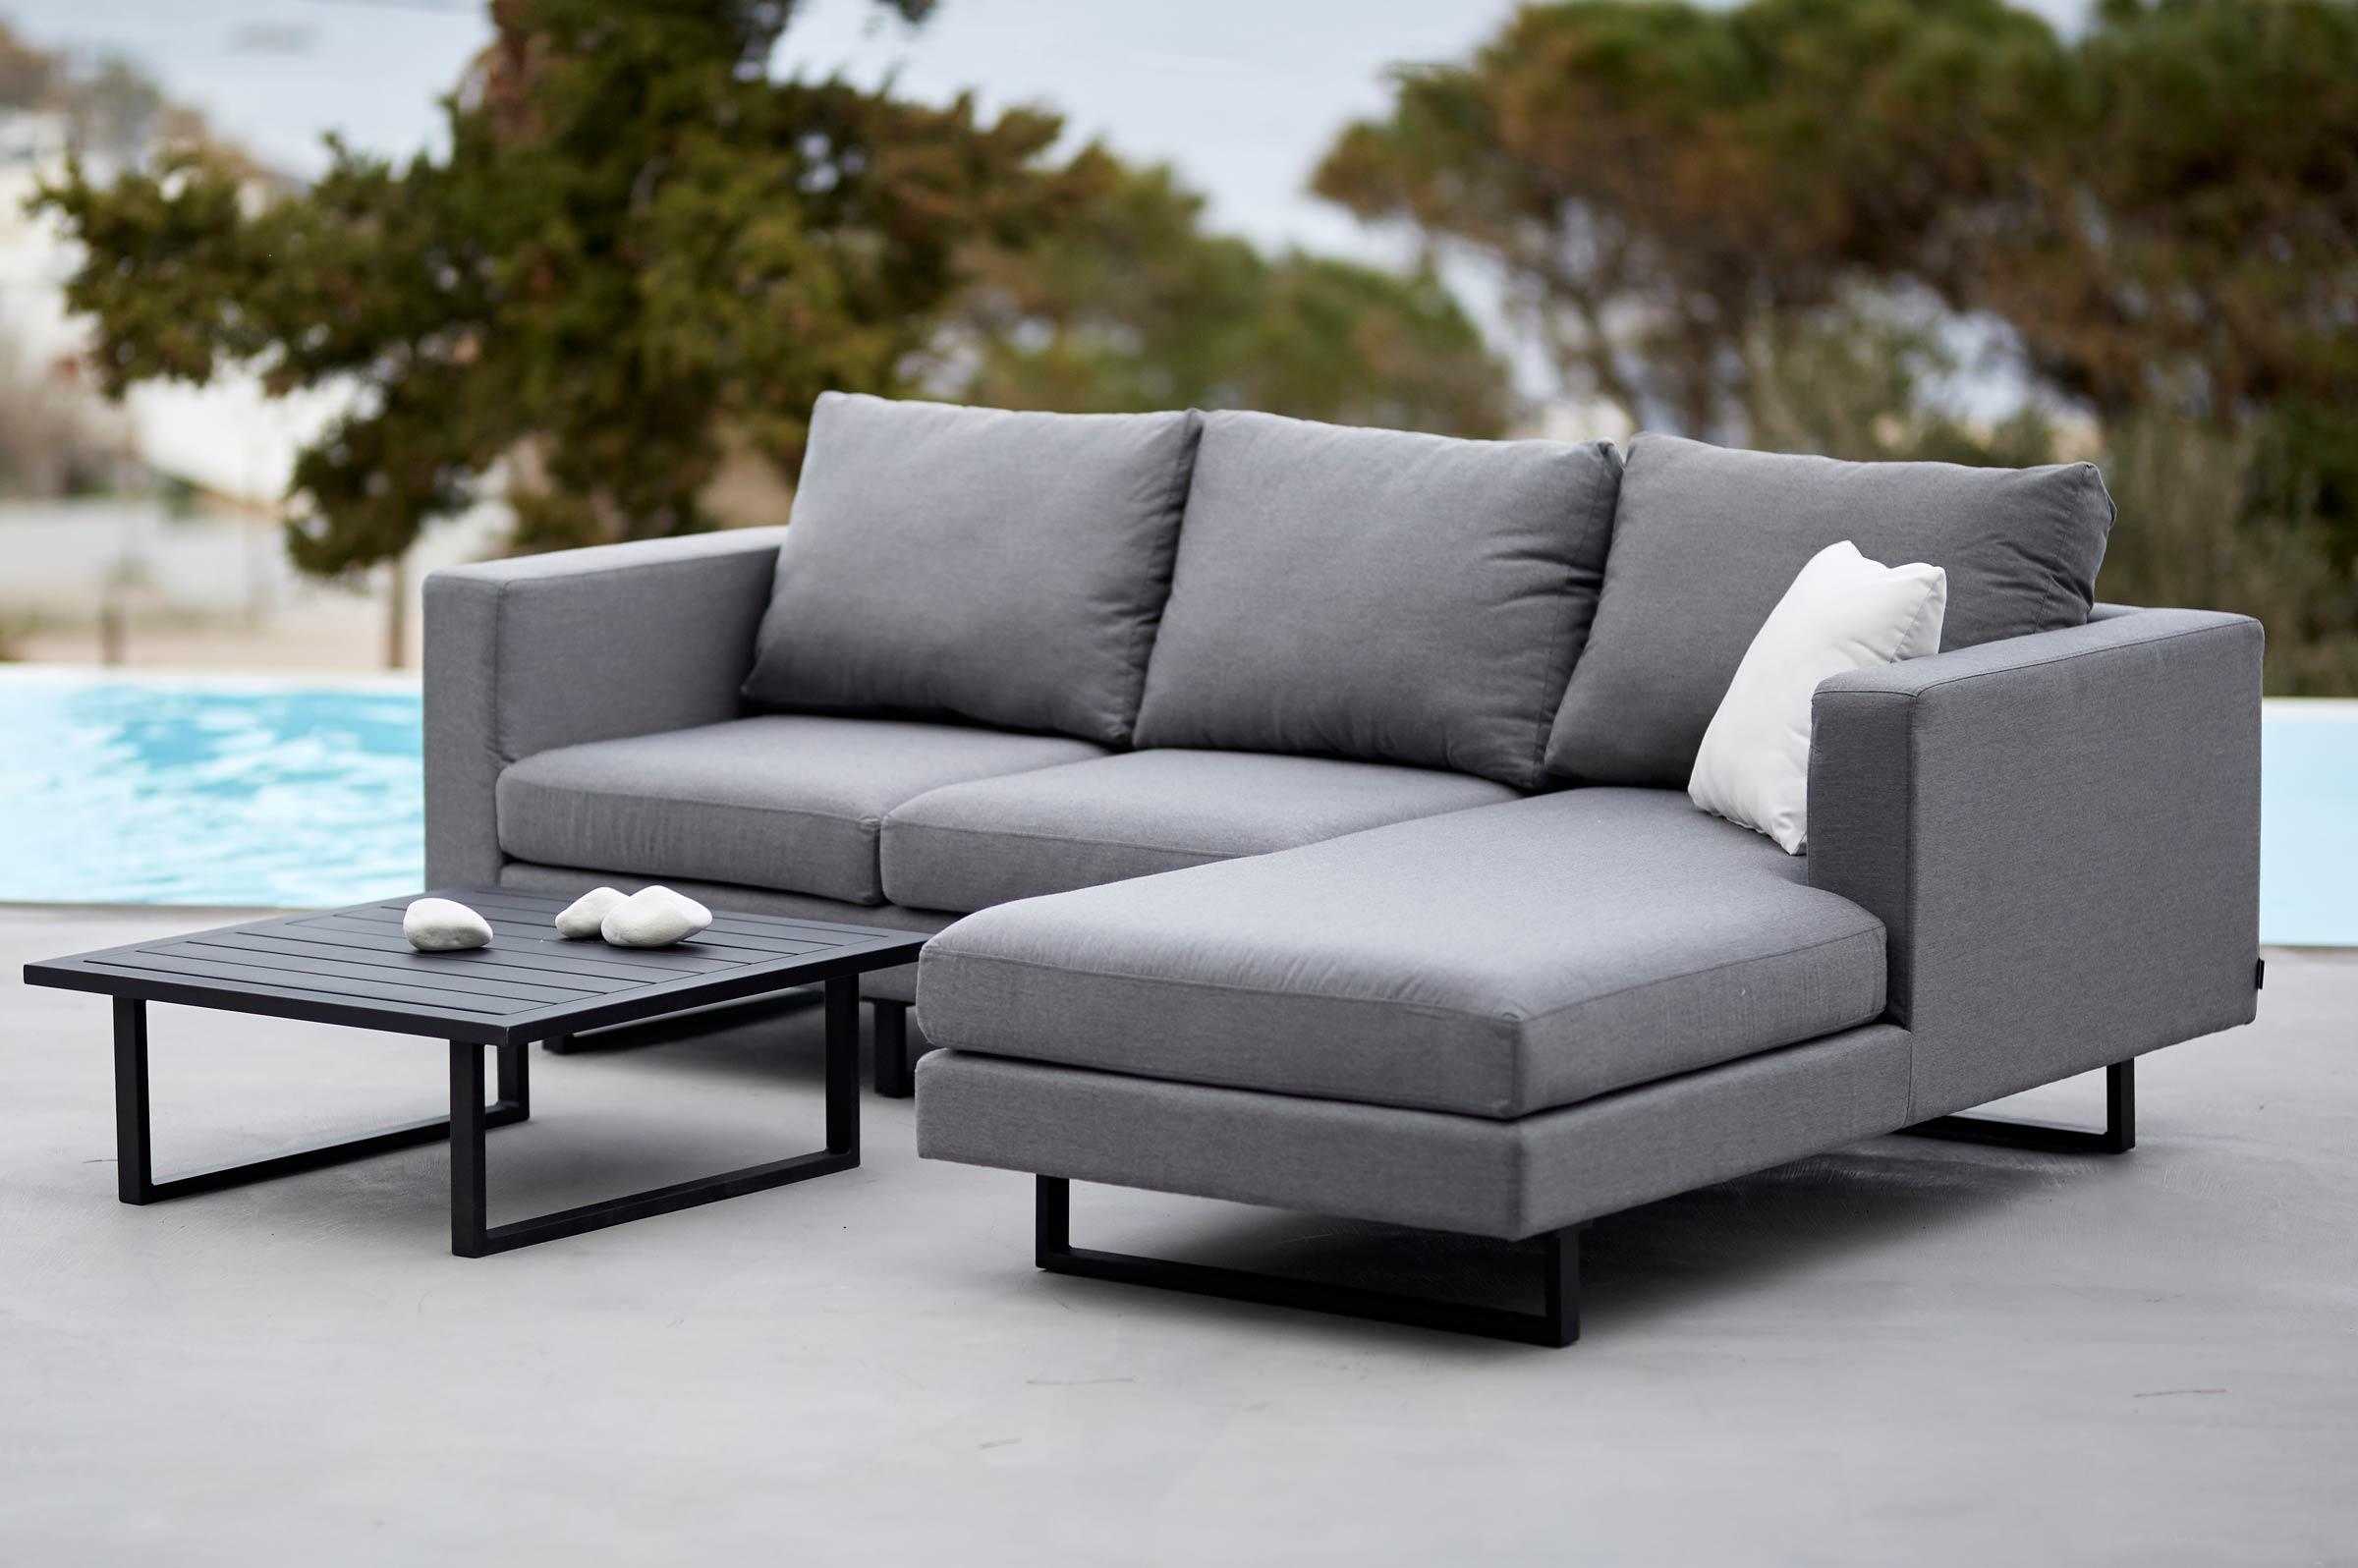 Full Size of Lounge Sofa Outdoor Wetterfest Ikea Couch Outflexego Loungeset 3 4 Pers Kaffeetisch Gartenmoebelde überwurf Big Xxl Bezug Ecksofa Mit Ottomane Kaufen Poco Wohnzimmer Outdoor Sofa Wetterfest